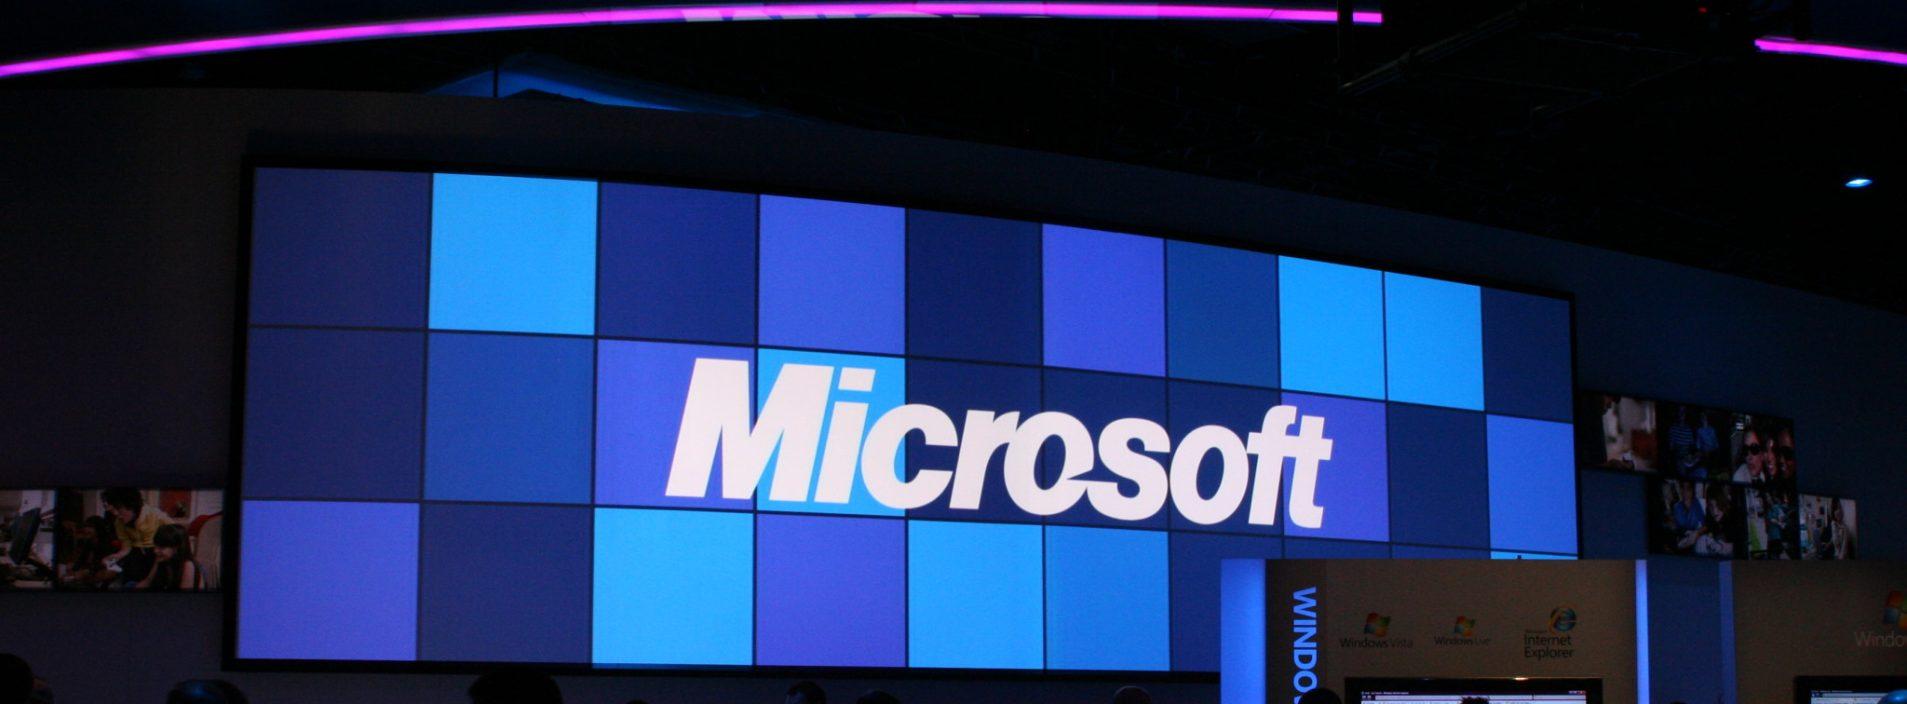 Valor das ações da Microsoft bate novo recorde